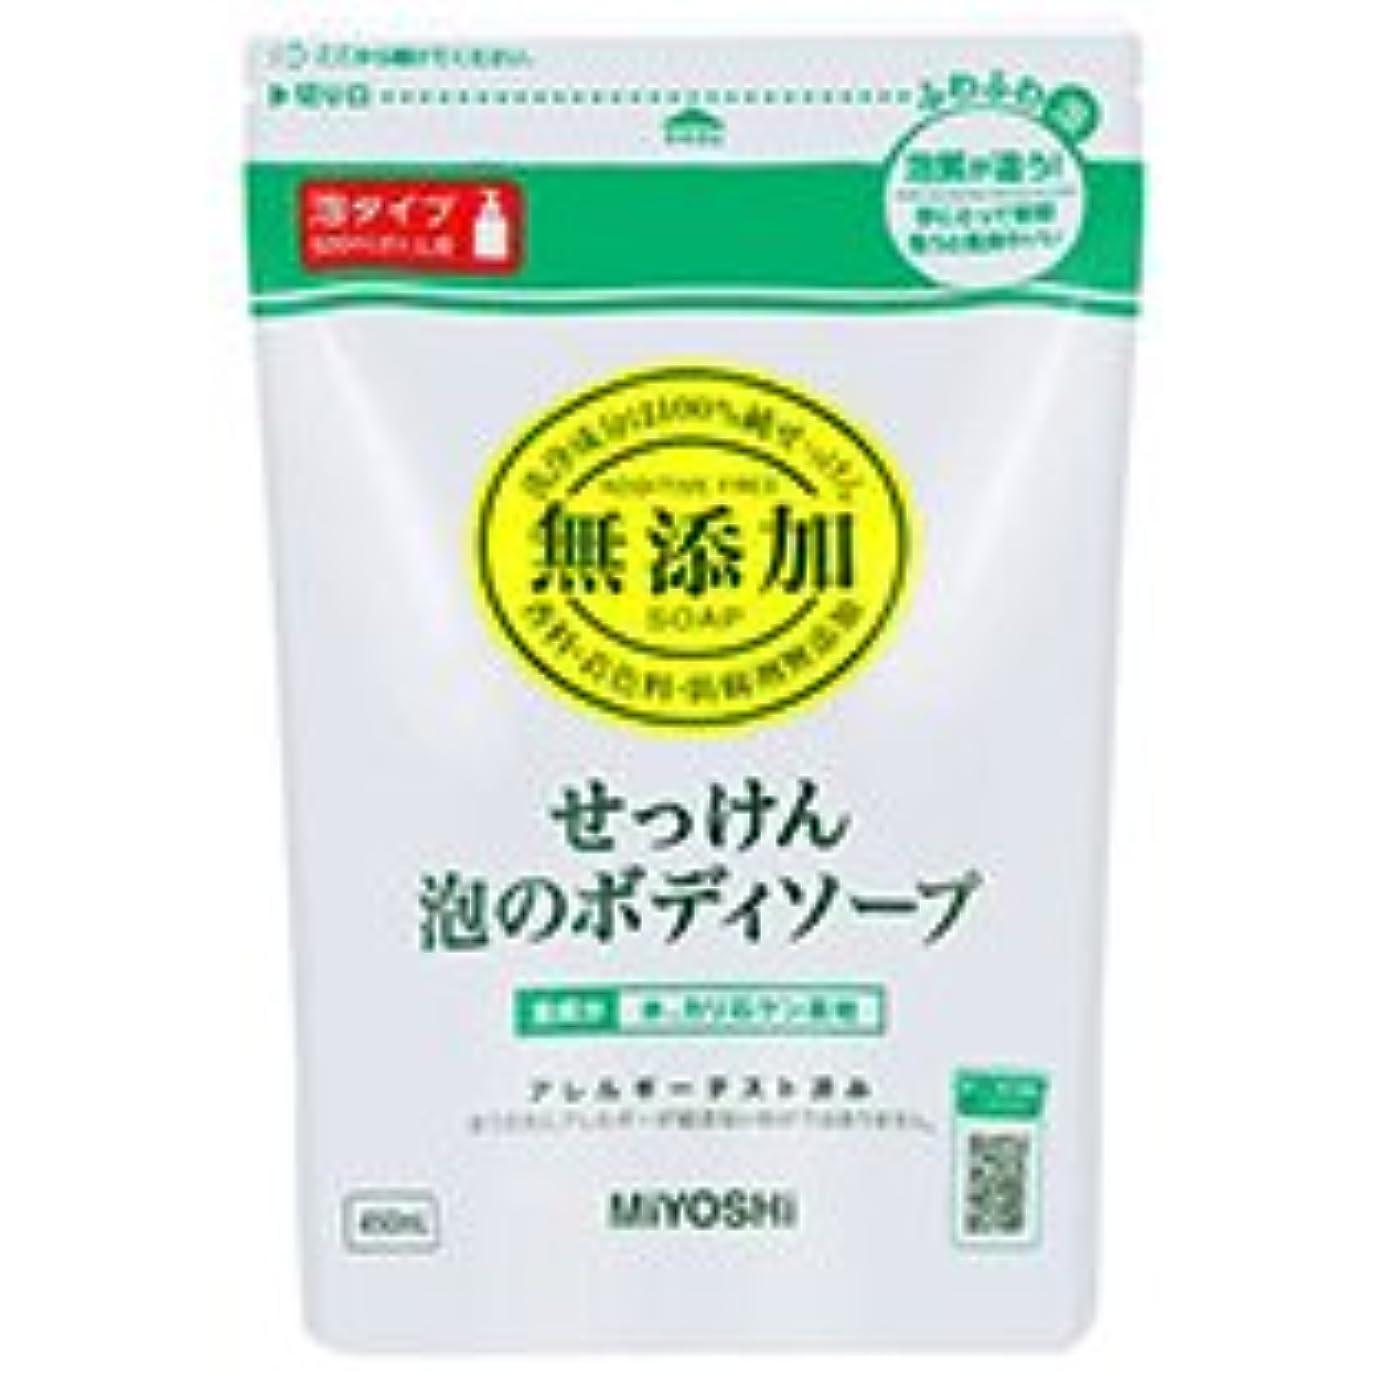 レンダーキャプション海ミヨシ石鹸 無添加せっけん 泡のボディソープ 詰替用 450ml 1個